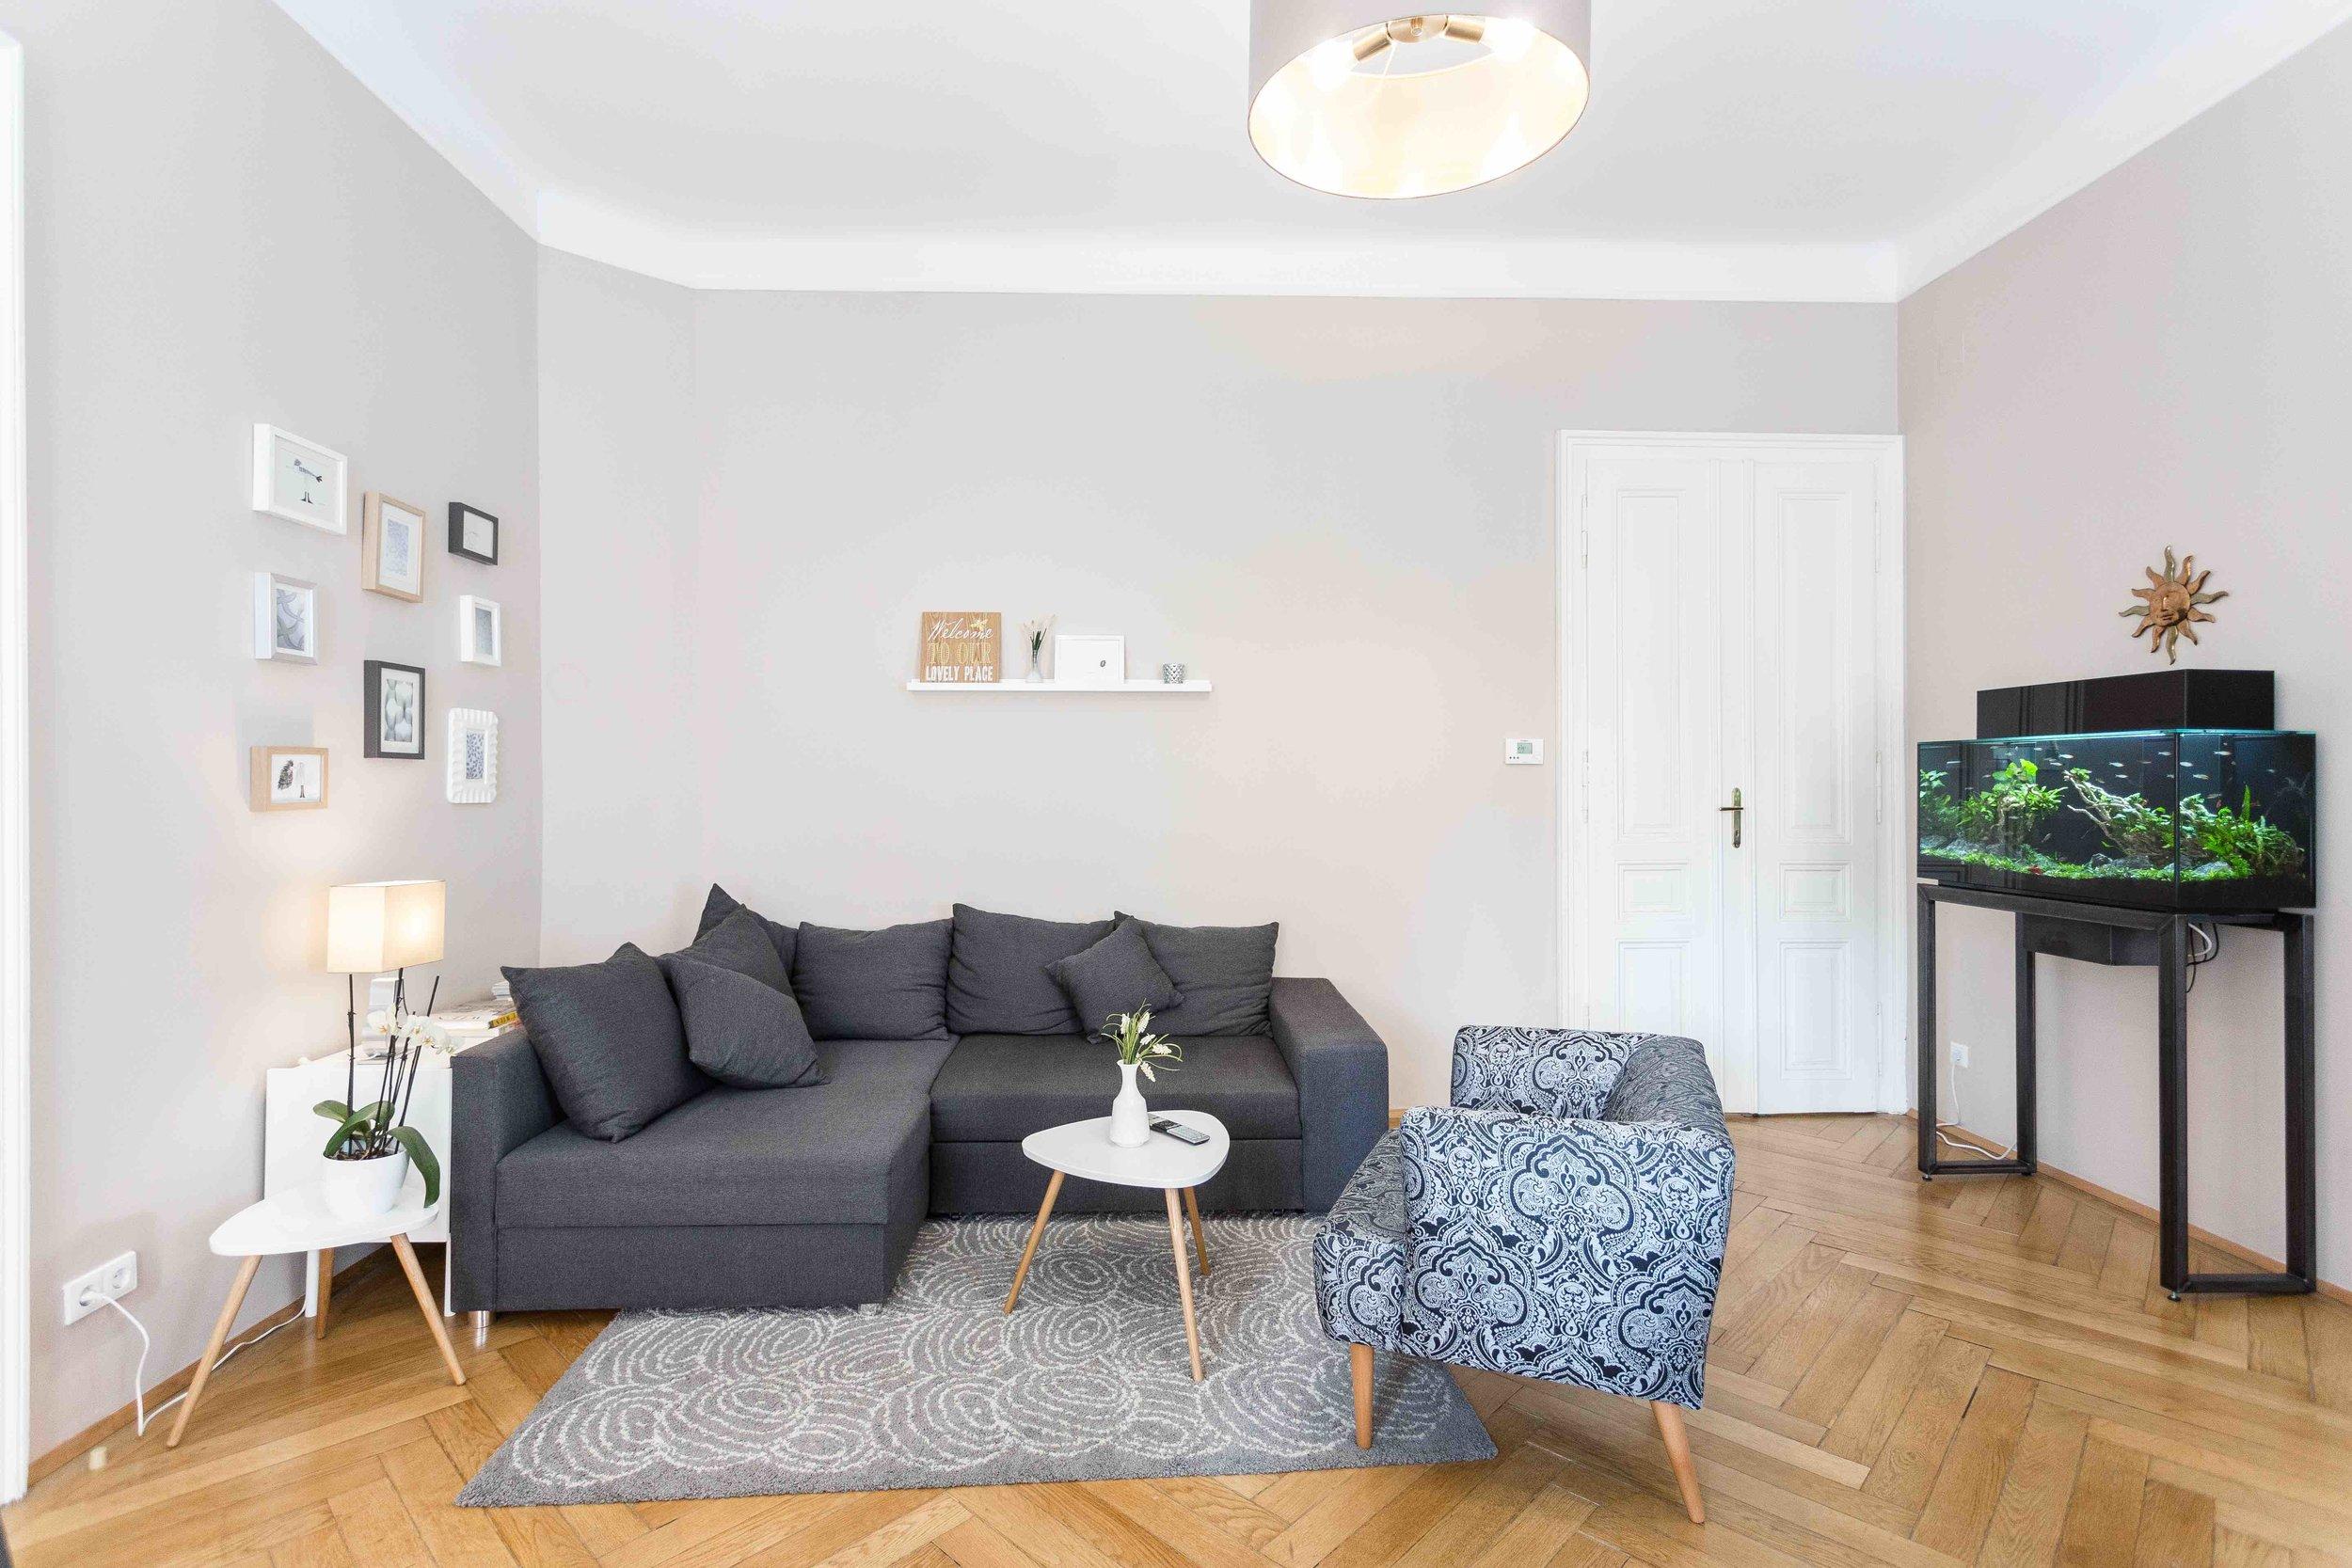 Frank Apartment ganzes Zimmer lc 160 klein.jpg